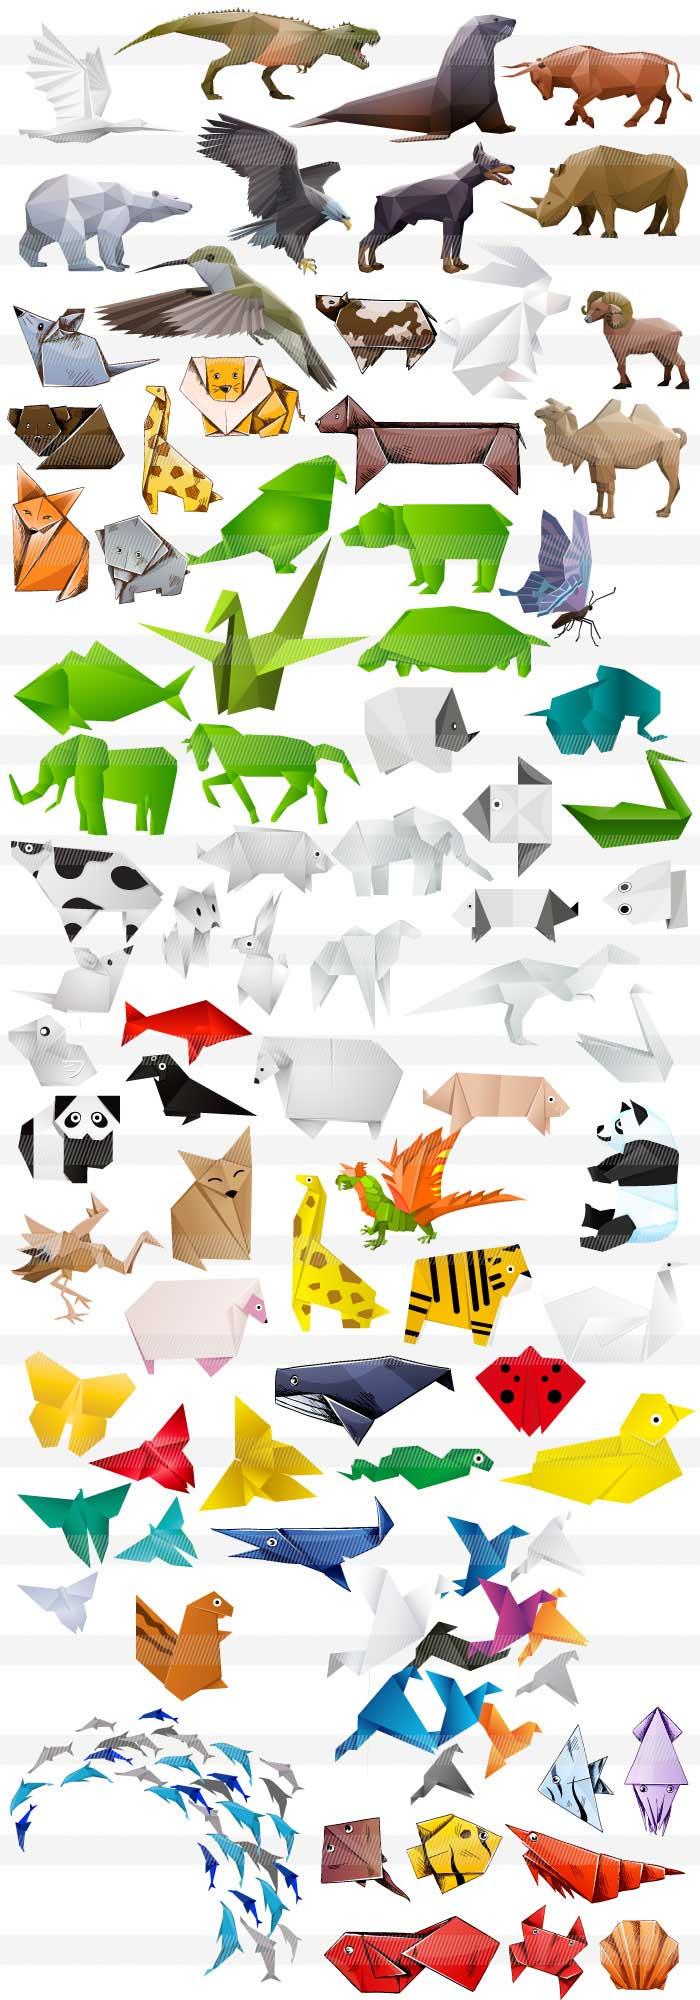 すべての折り紙 折り紙 可愛い キャラクター : 折り紙の動物のイラスト 商用 ...